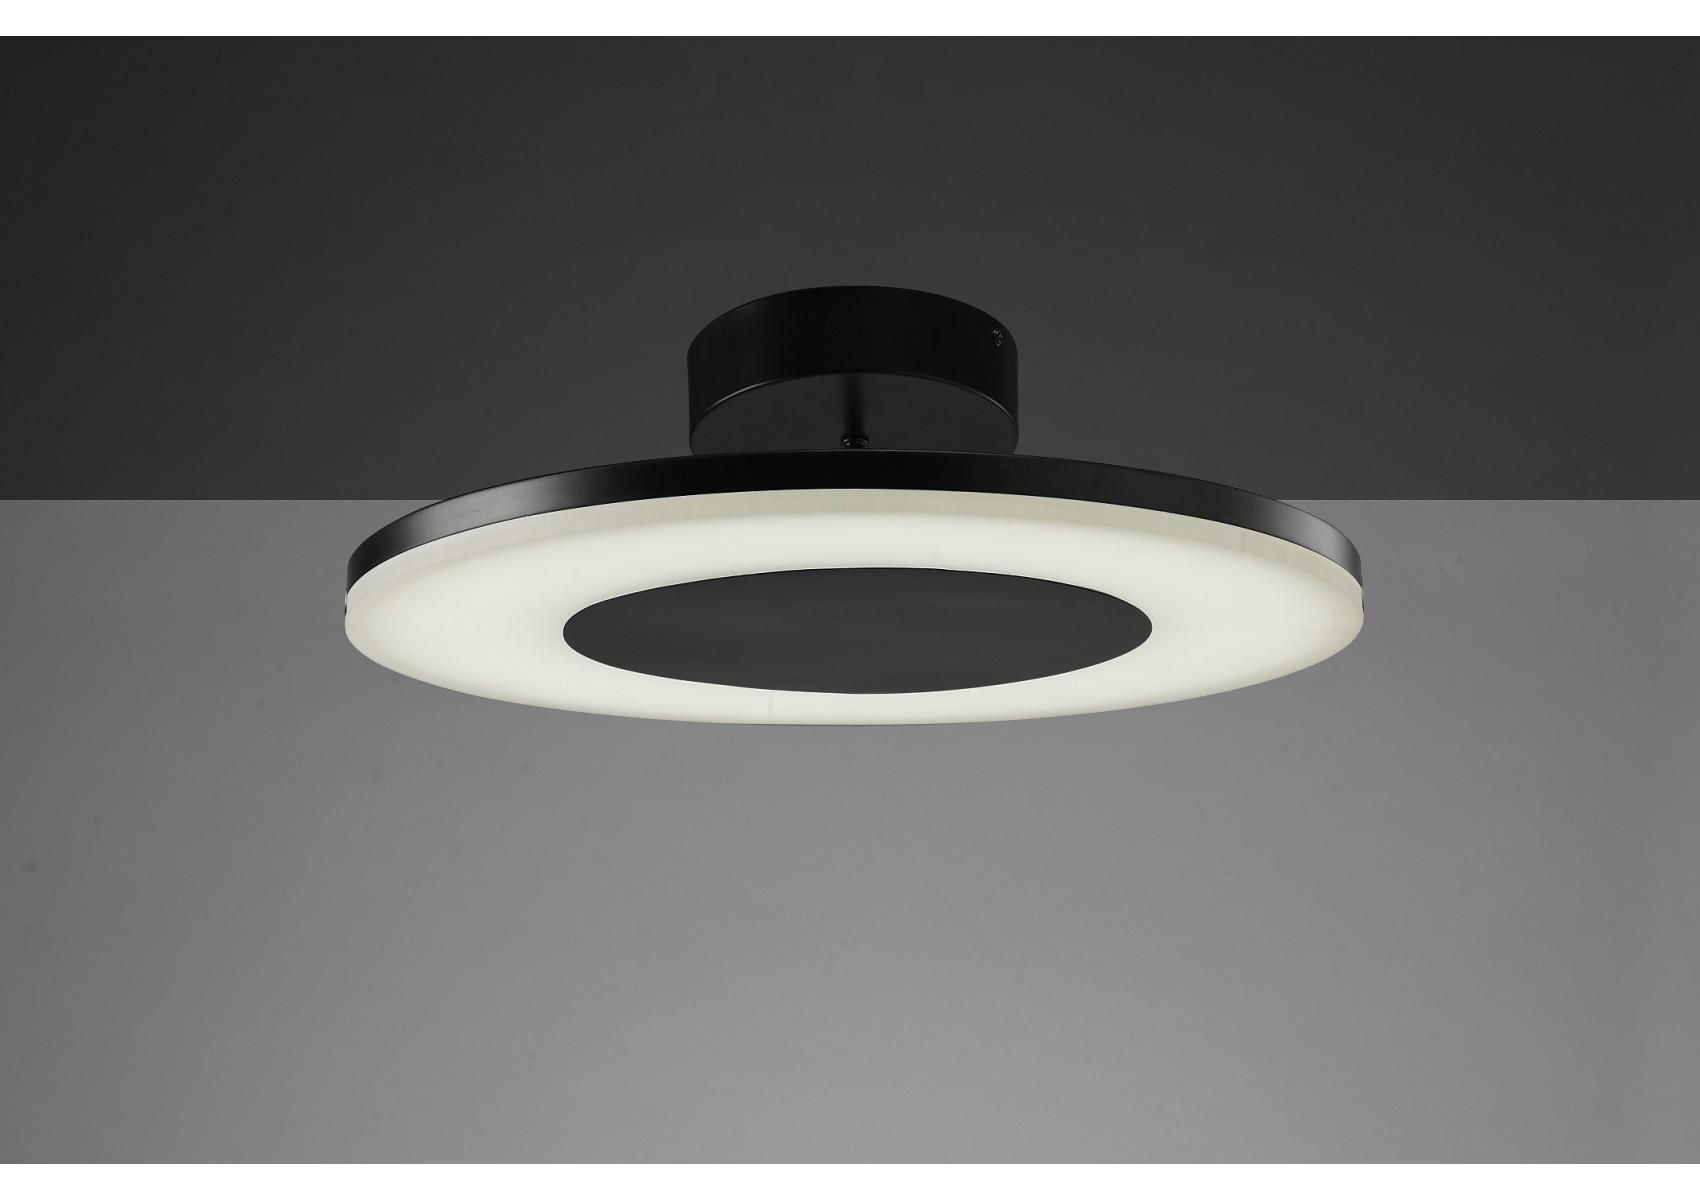 grand plafonnier design discobolo boite design. Black Bedroom Furniture Sets. Home Design Ideas